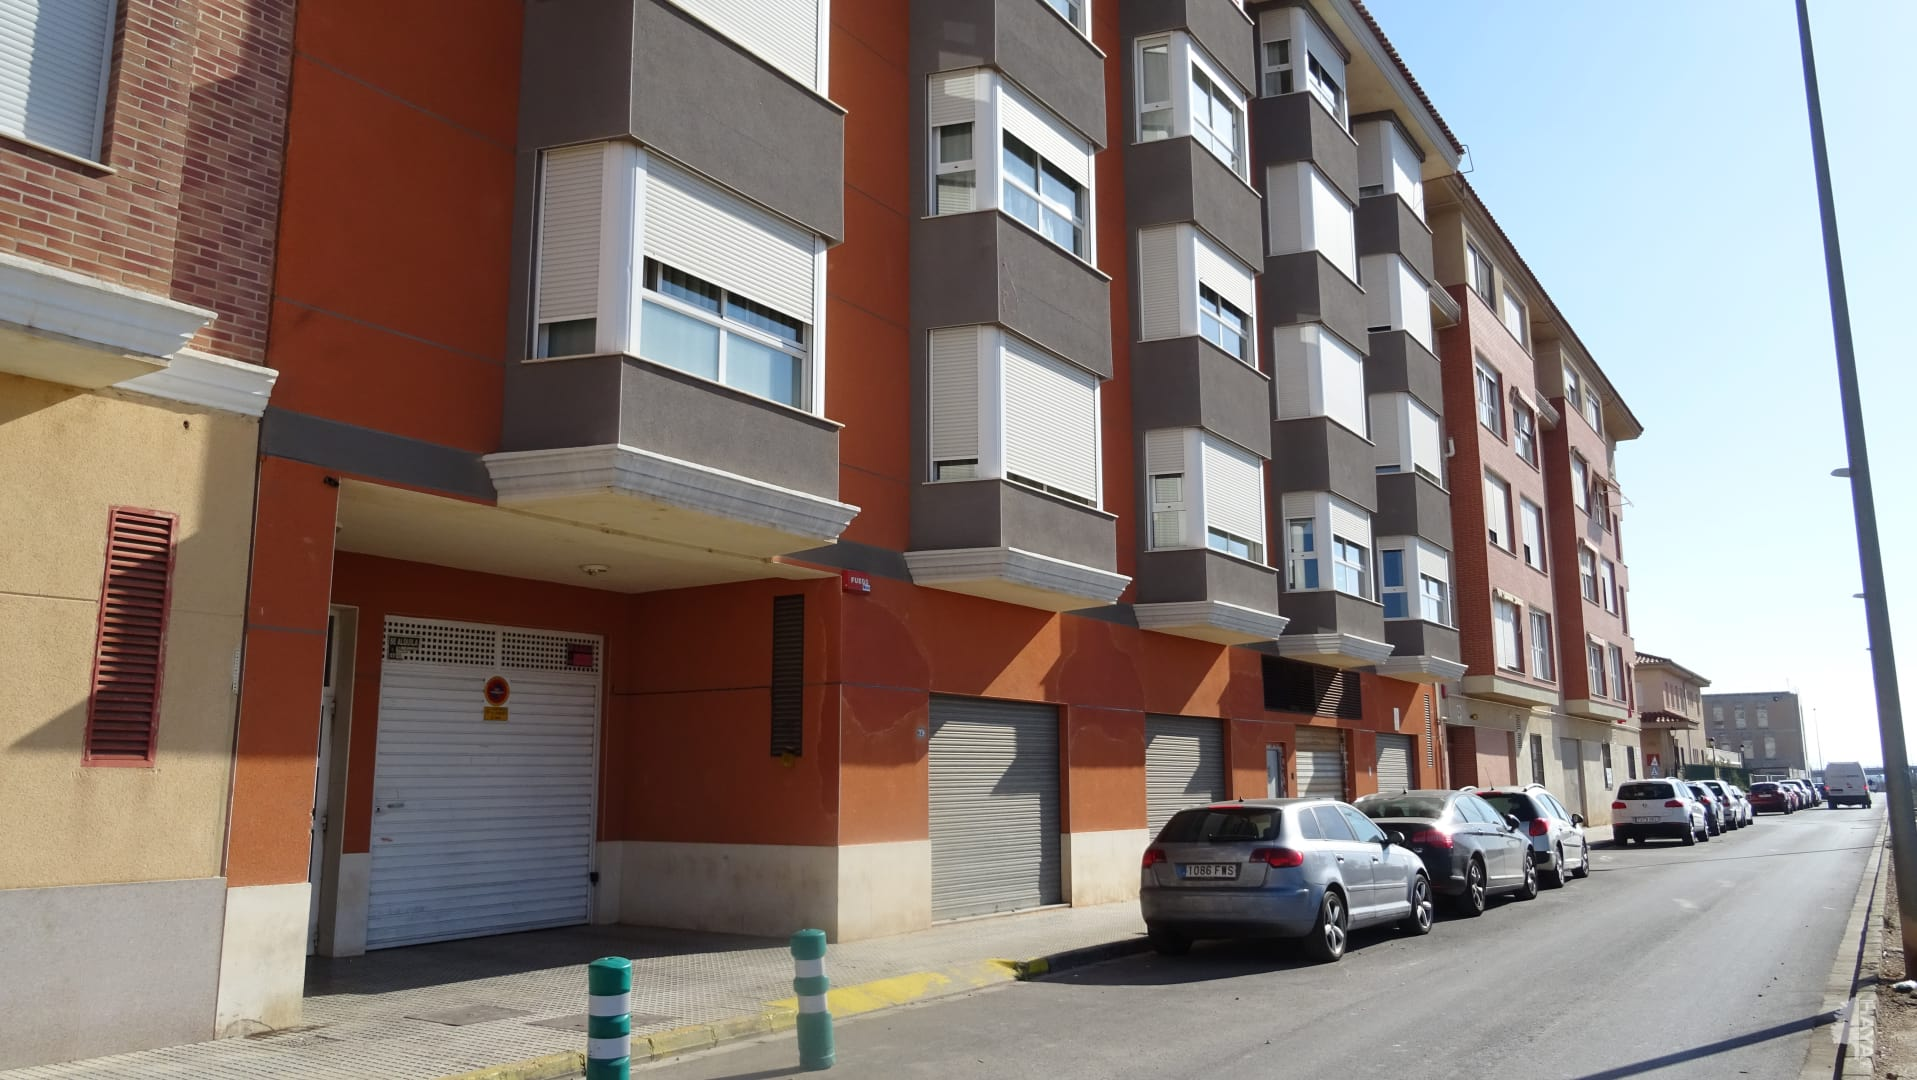 Piso en venta en Ausias March, Carlet, Valencia, Avenida Llaurador, 114.000 €, 3 habitaciones, 2 baños, 121 m2